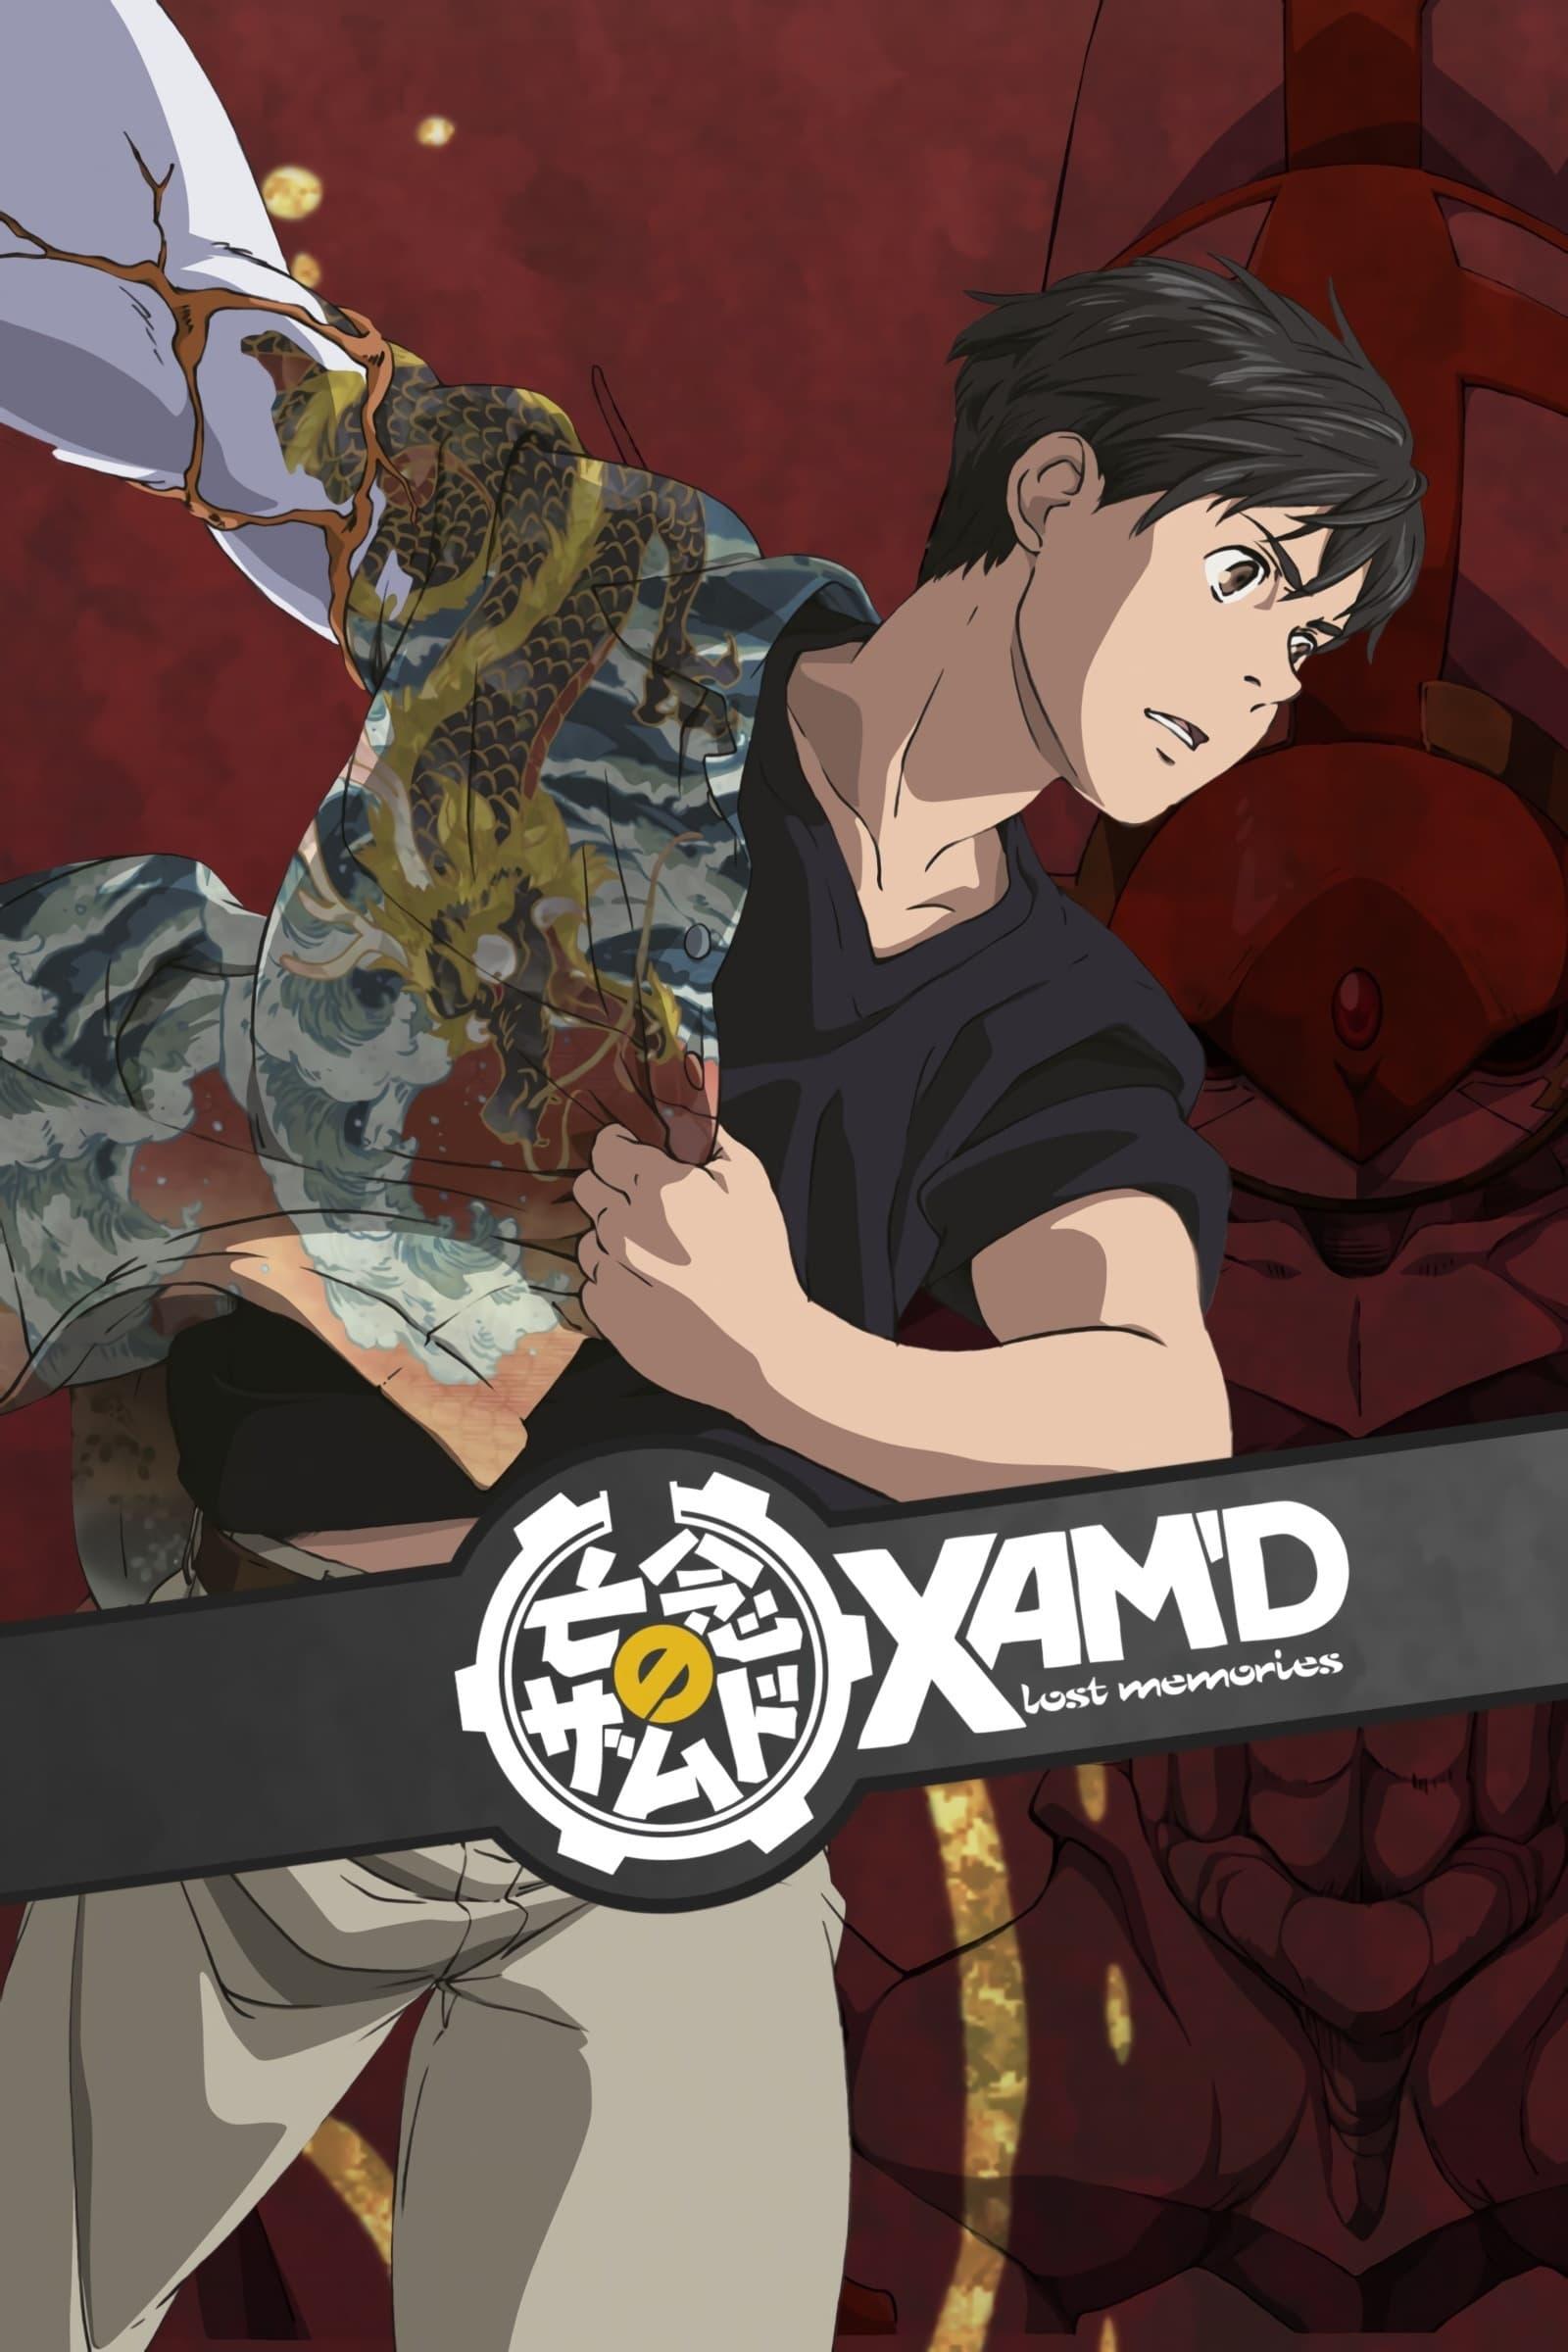 Xam'd: Lost Memories